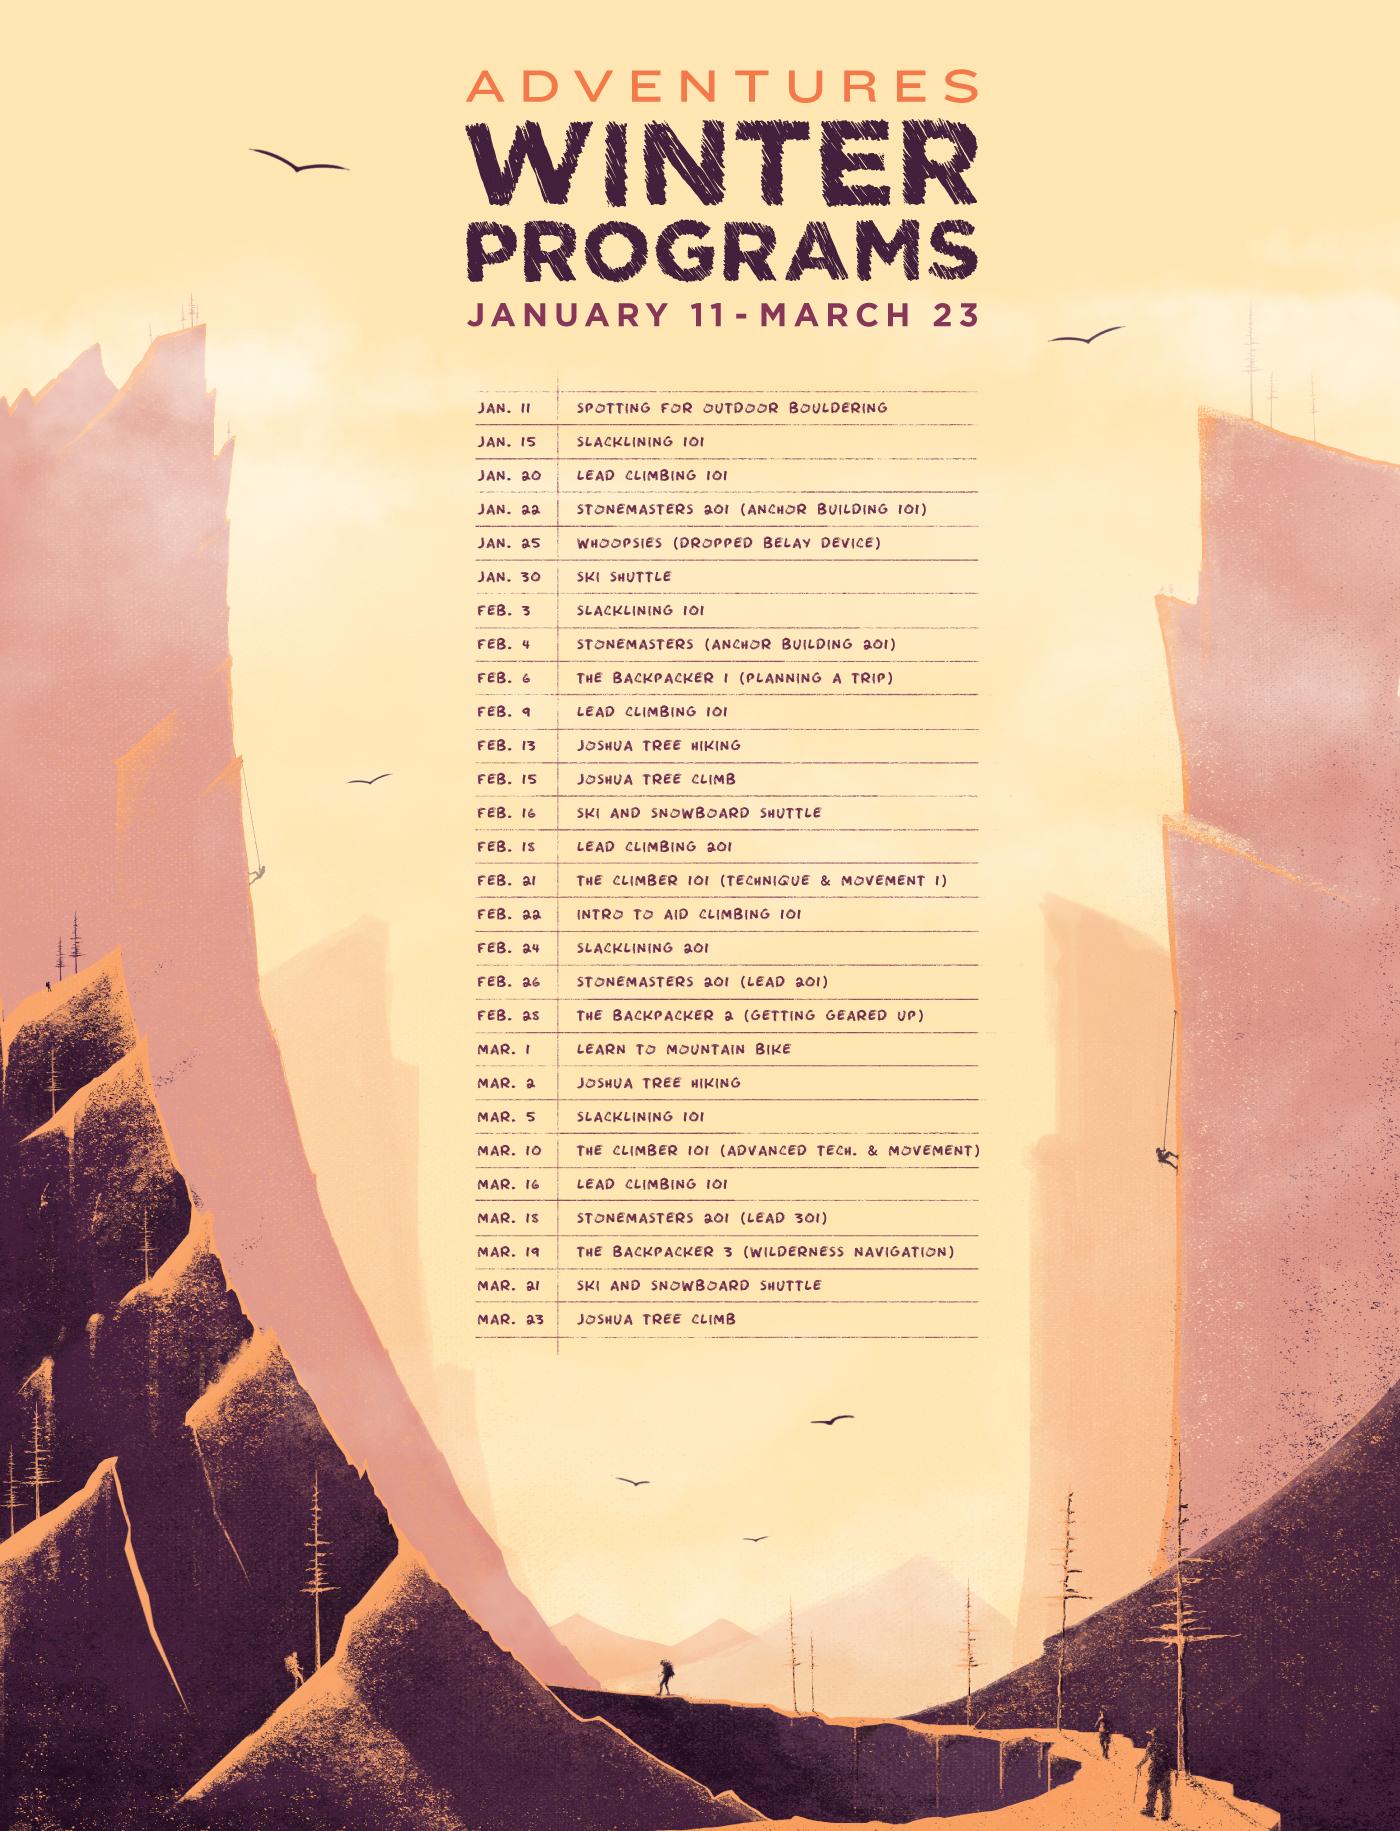 Adventures Winter Programs Calendar with mountain backdrop